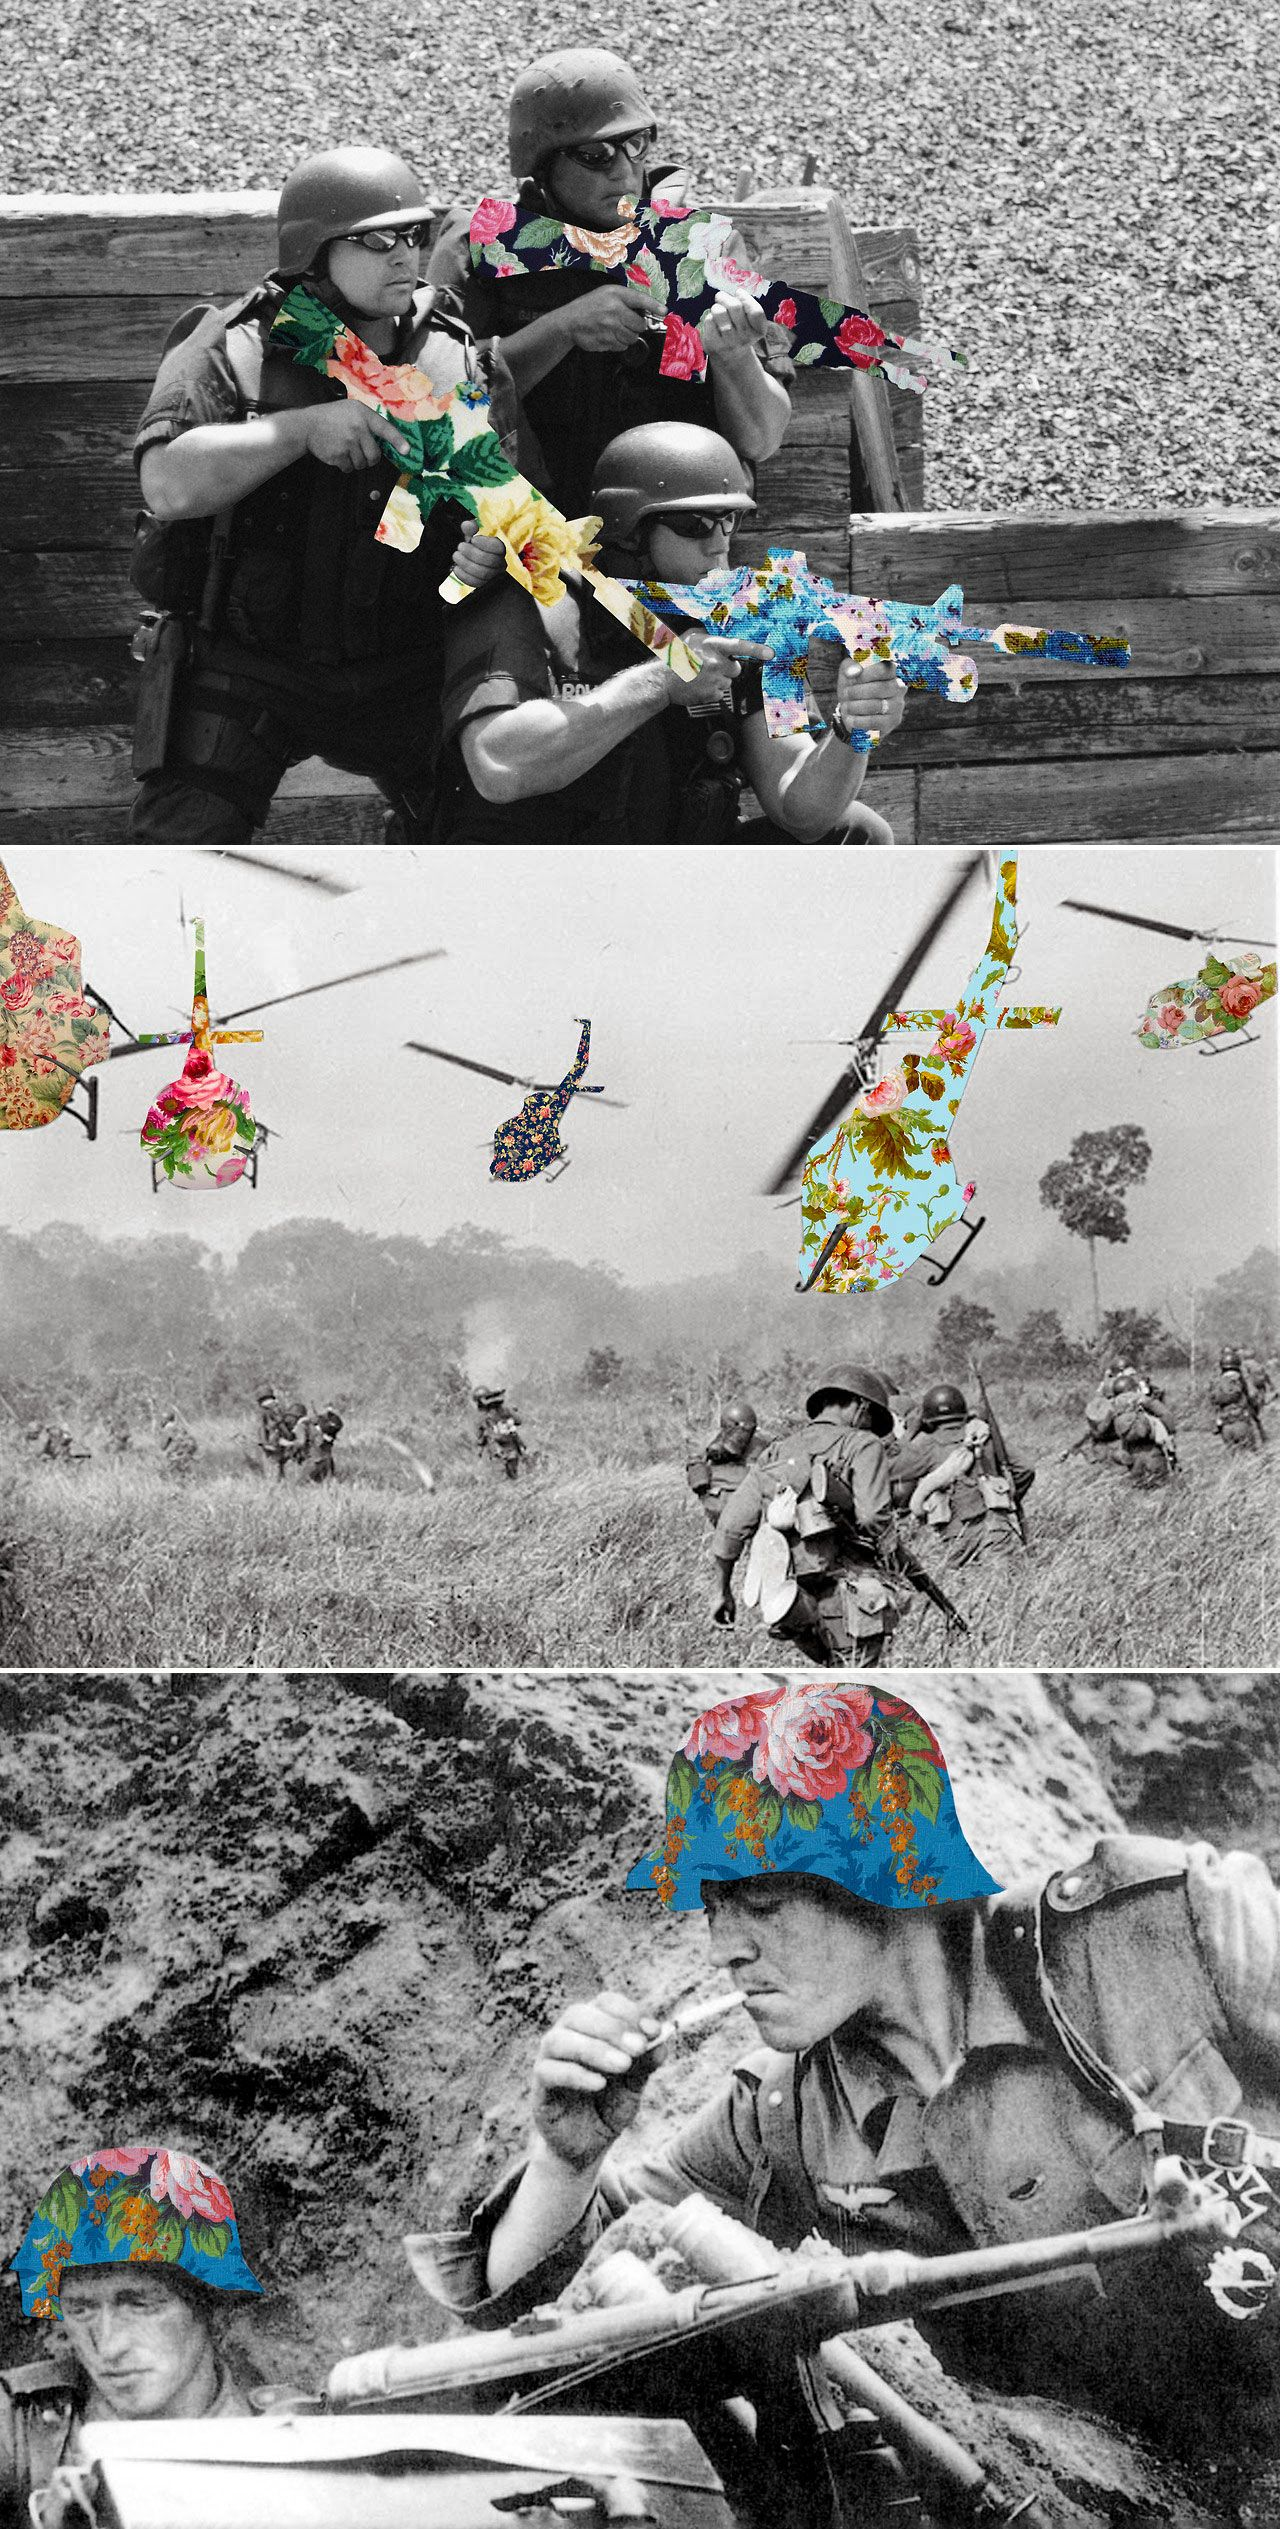 juxtaposed flowers - peace  natural vs war